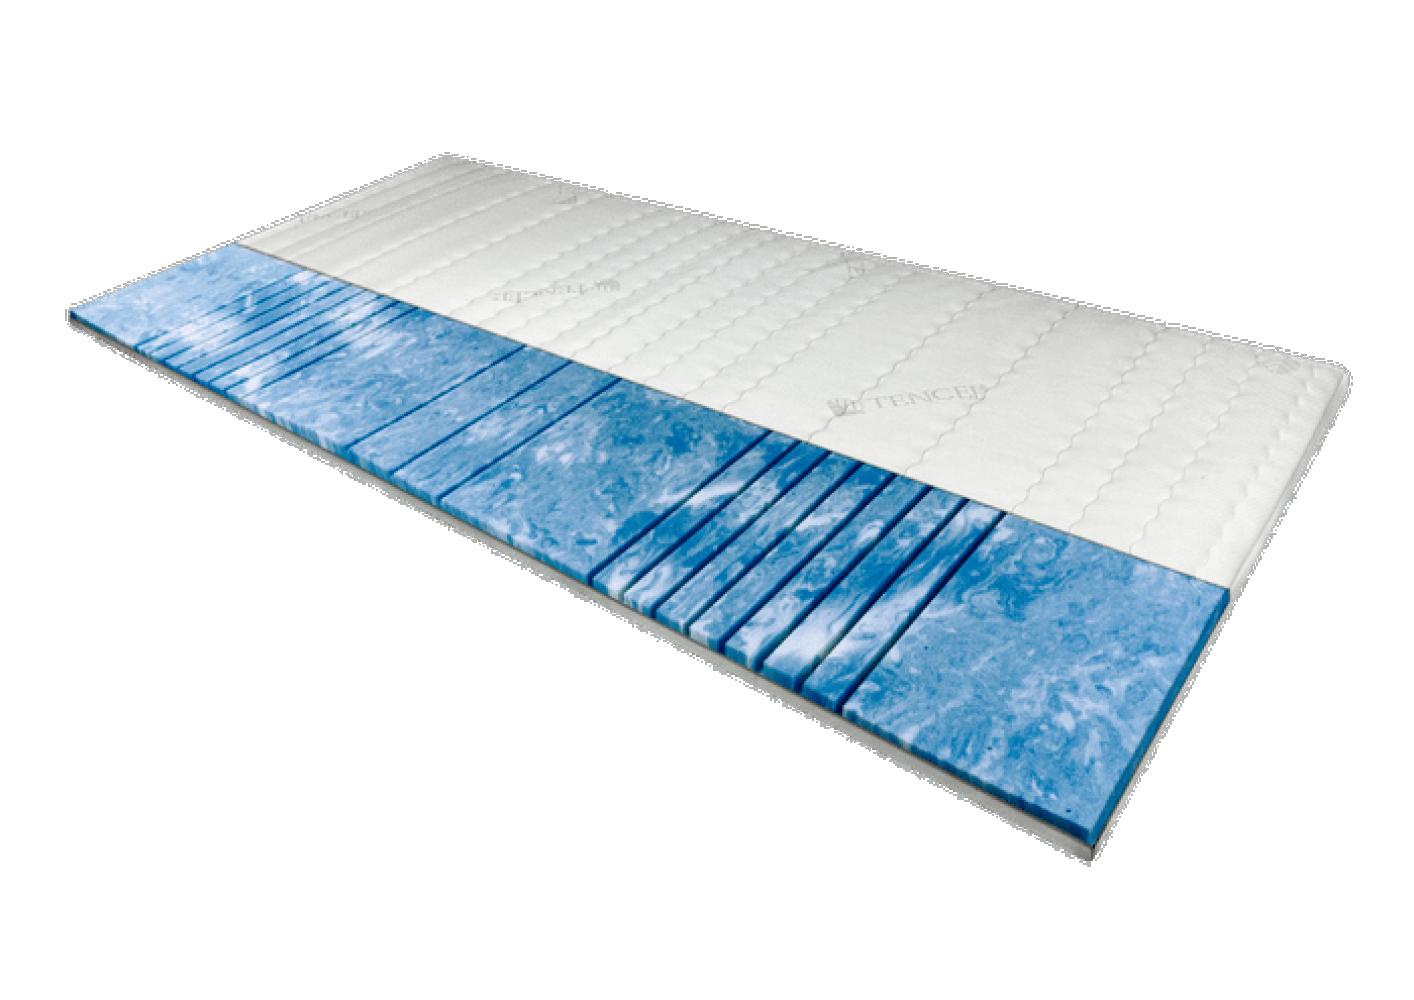 AM Qualitätsmatratzen   7-Zonen Deluxe Gelschaum-Topper 200x190 cm - 8 cm Höhe Bild 1